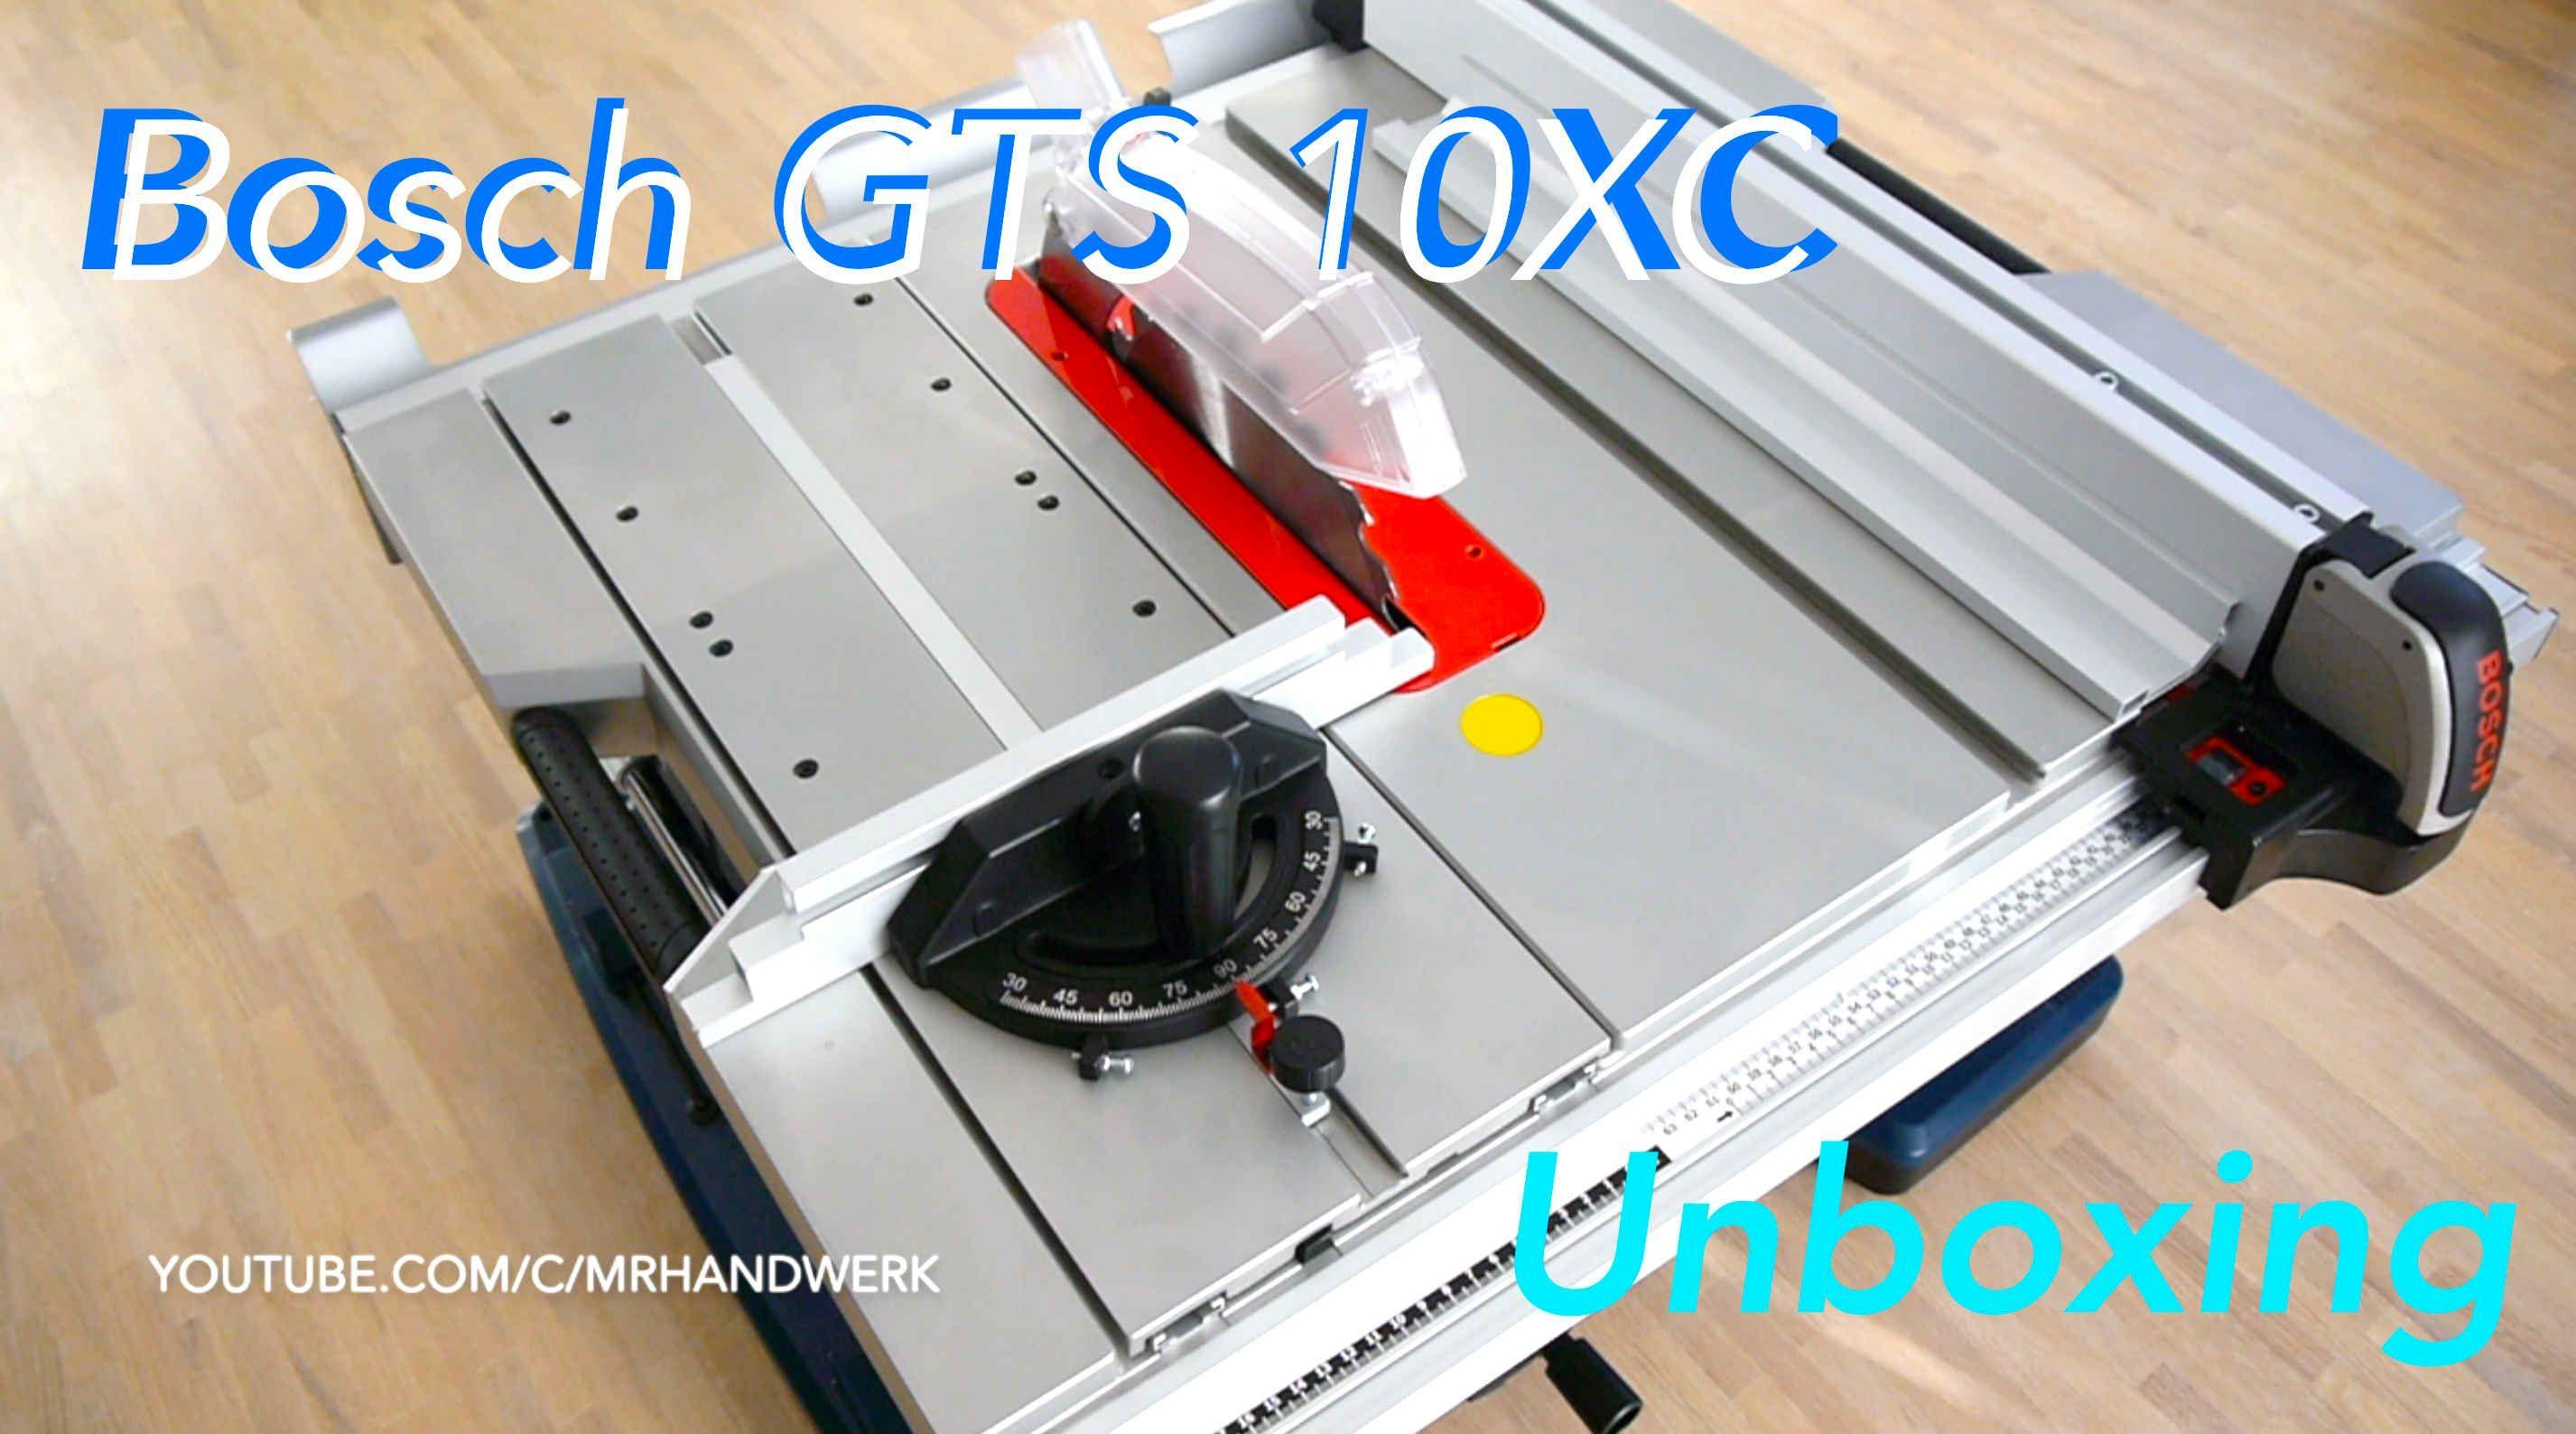 Unboxing Bosch Gts 10 Xc Professional German Meine Erste Tischkreissage